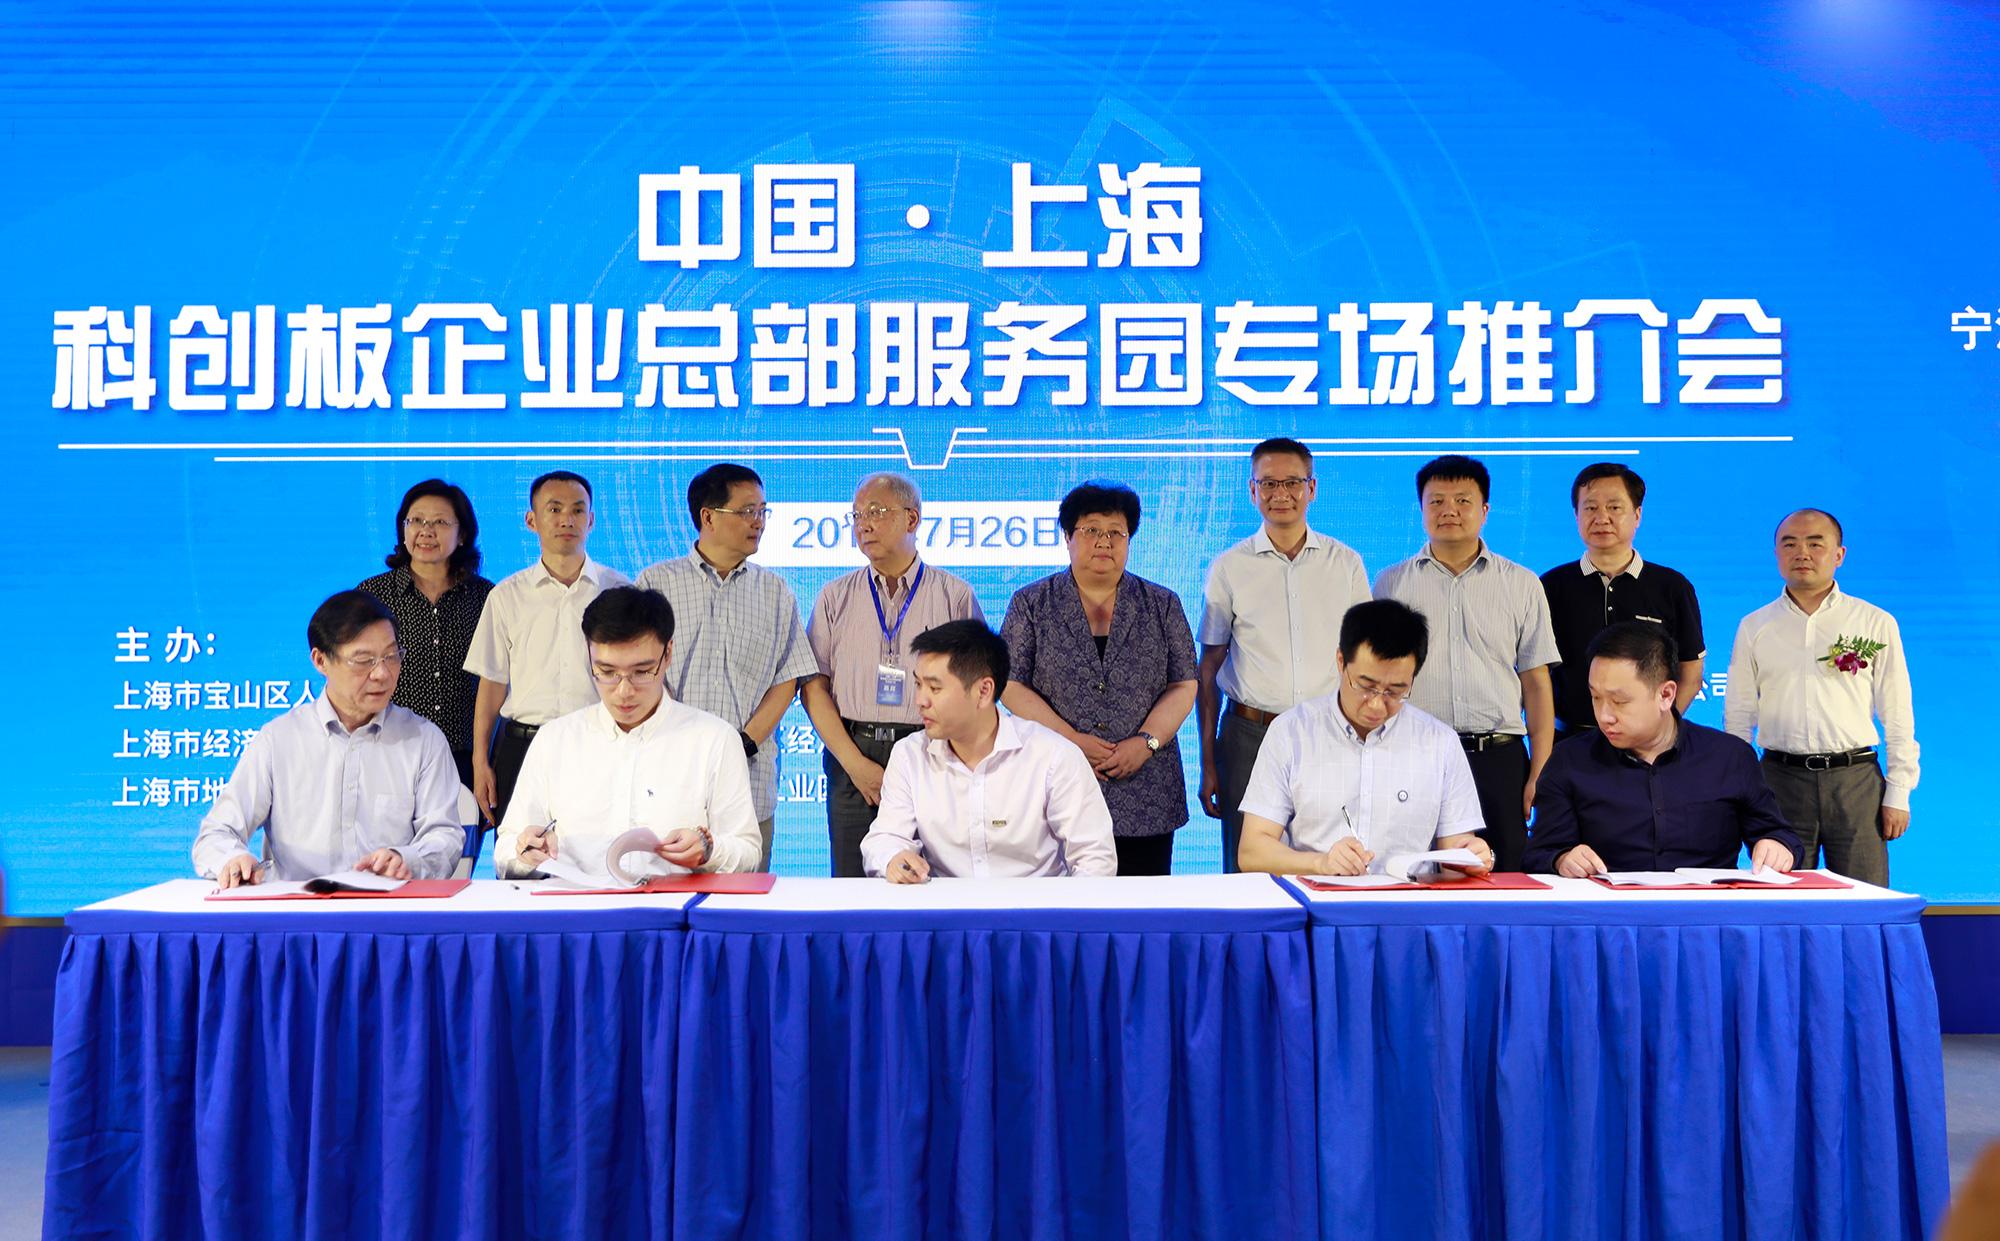 上海北郊打造中国首家科创板企业总部服务园,容百科技等入驻